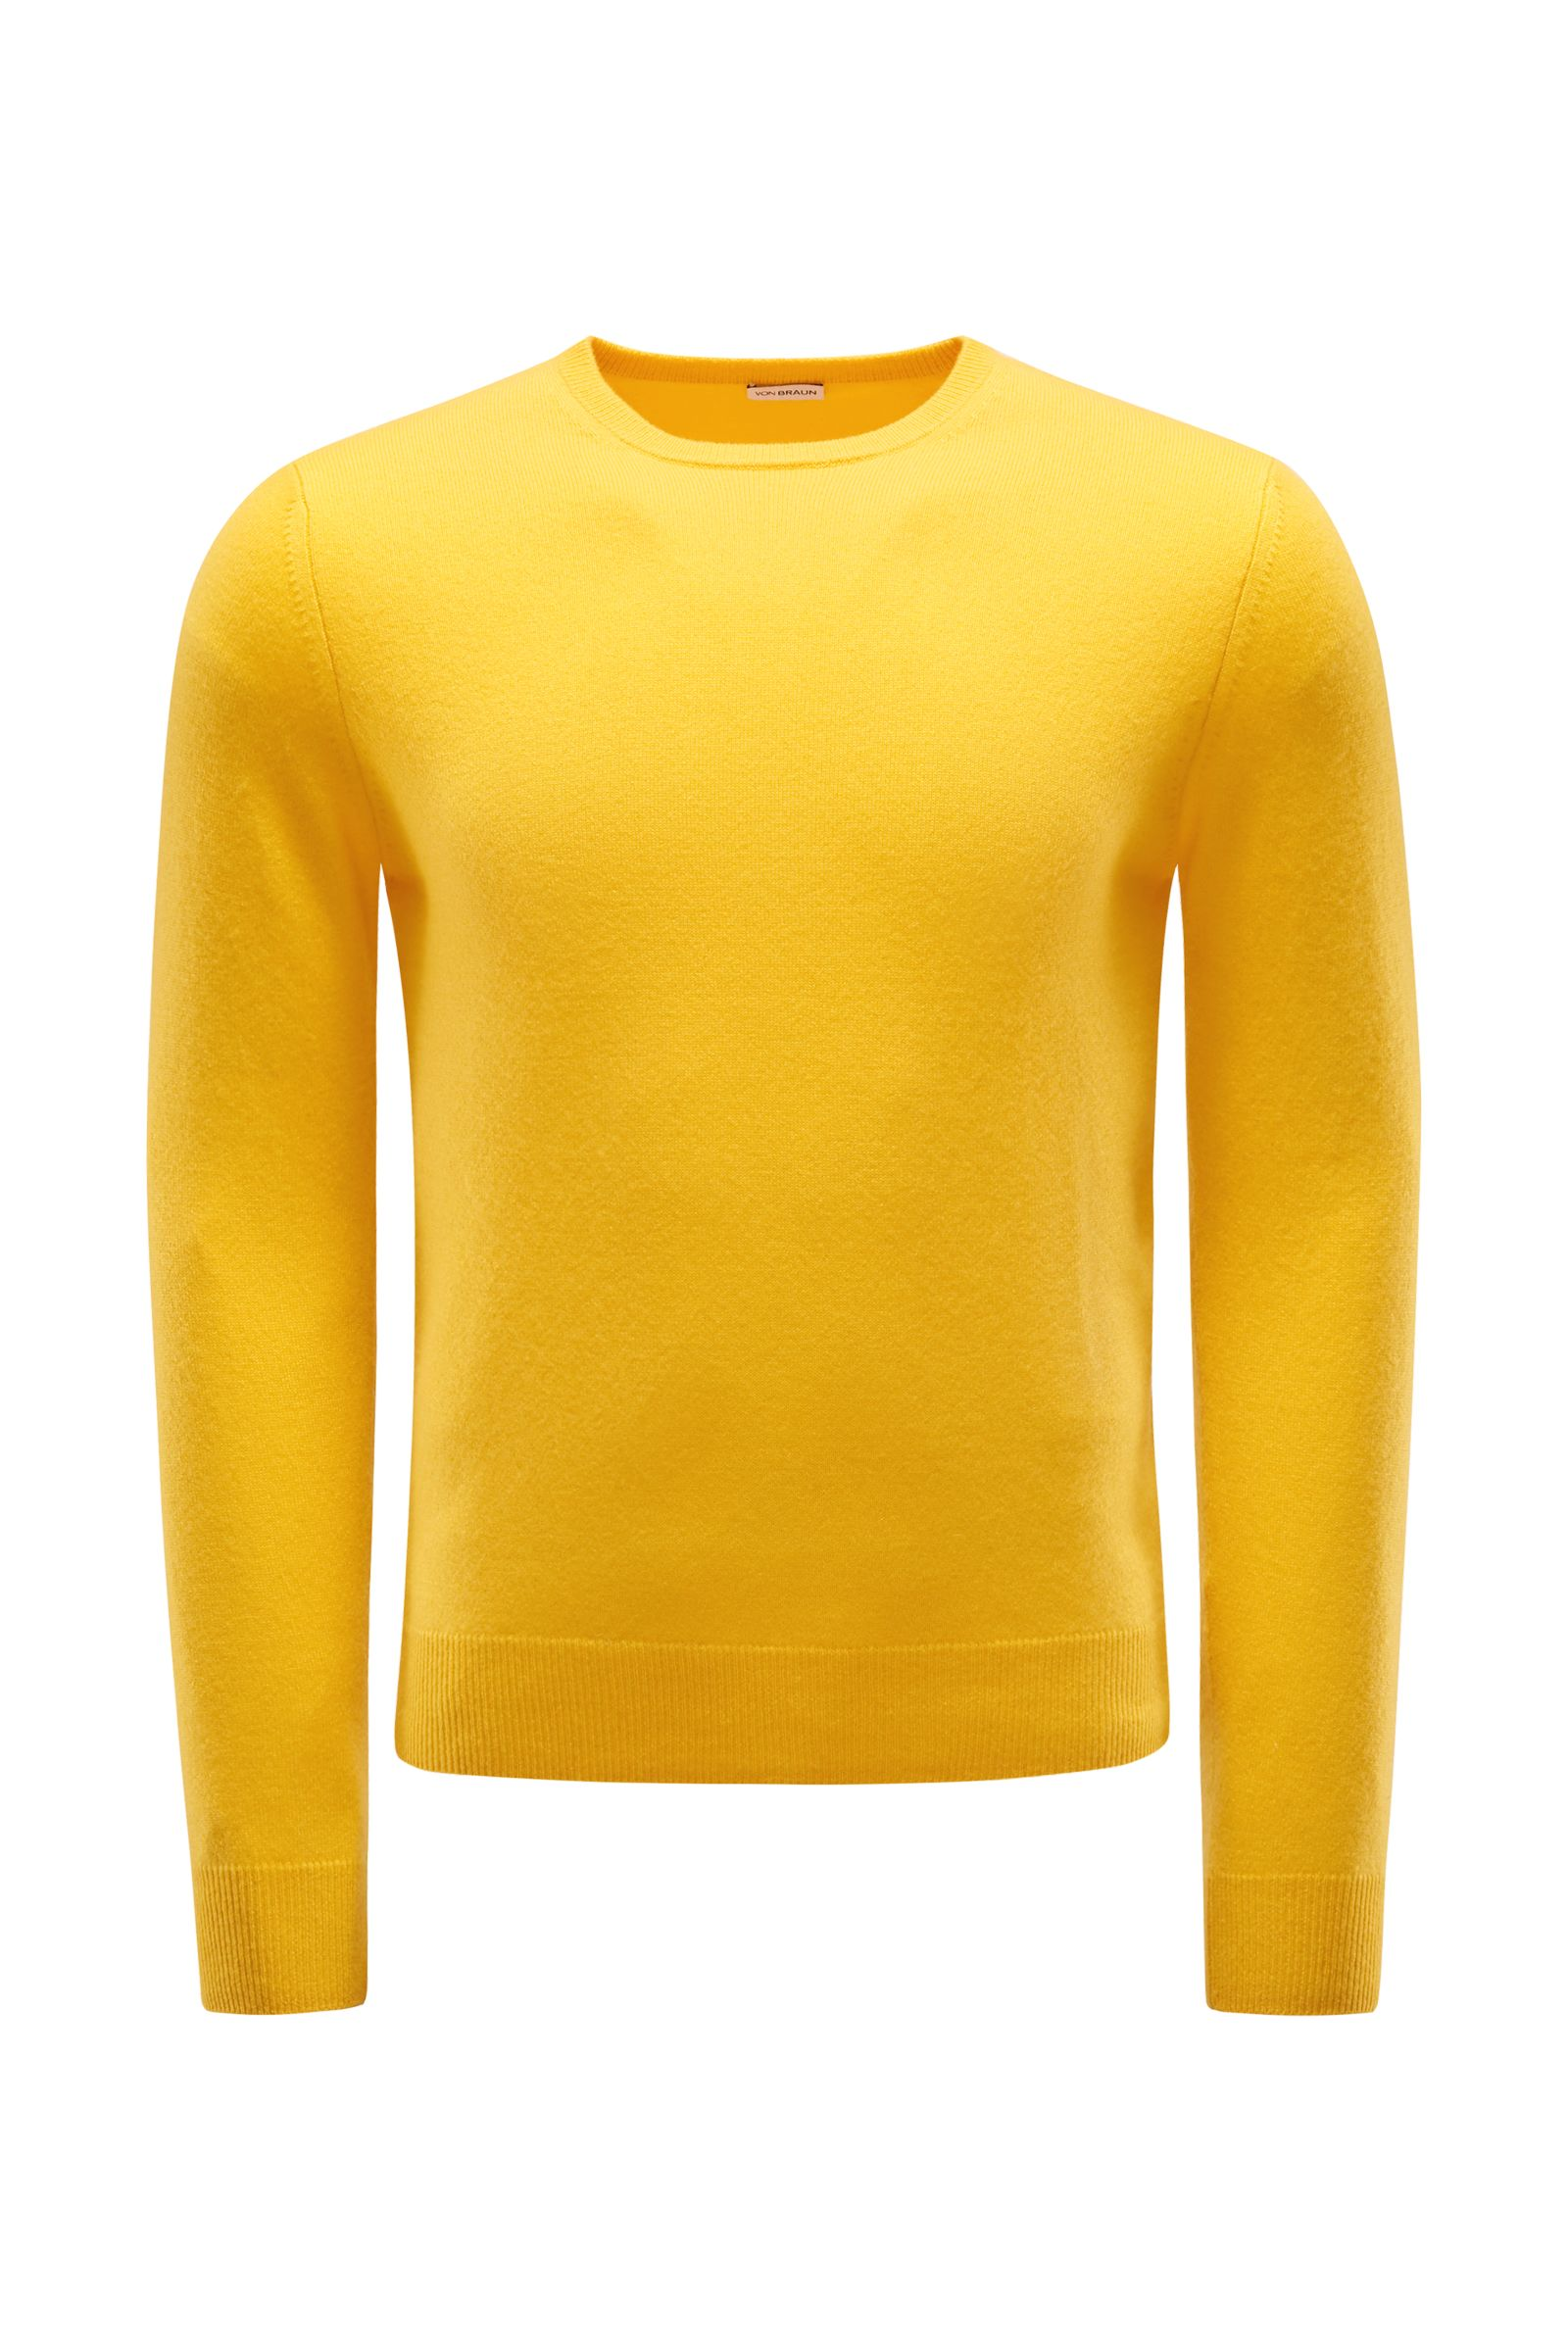 Cashmere R-Neck Pullover gelb